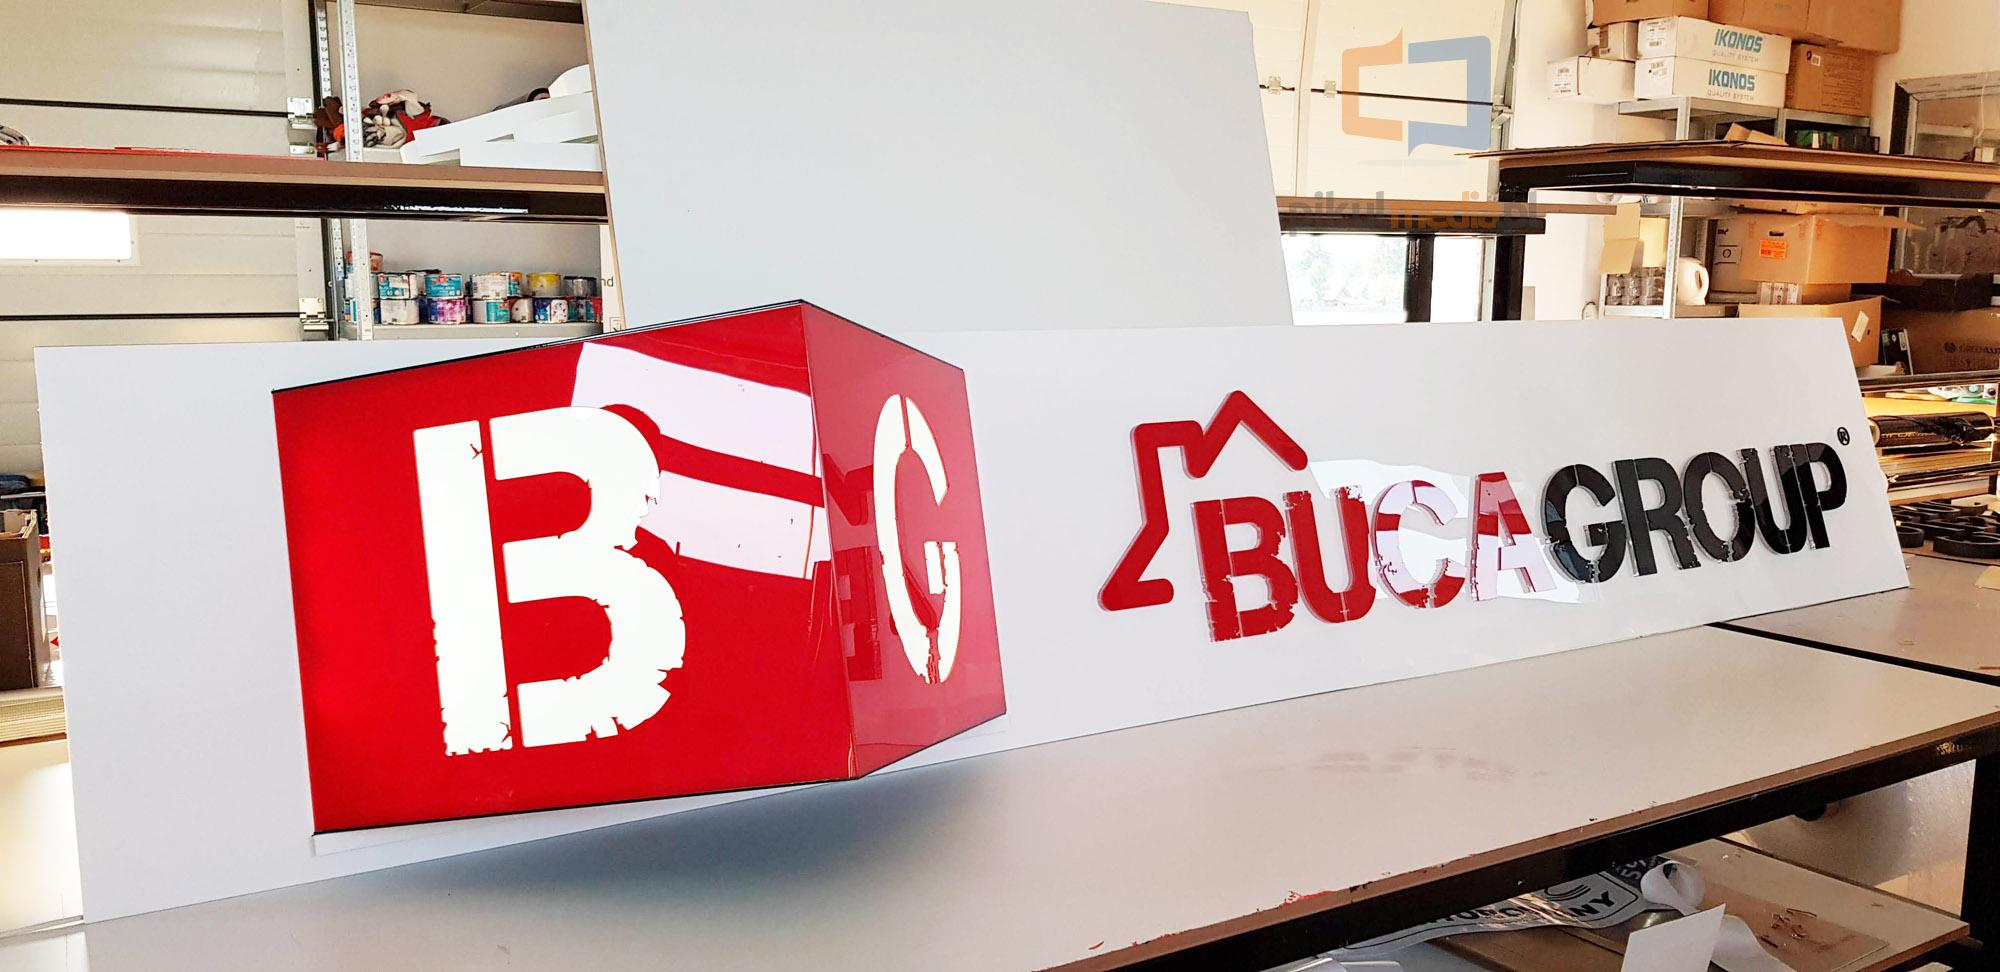 factory 3d letters